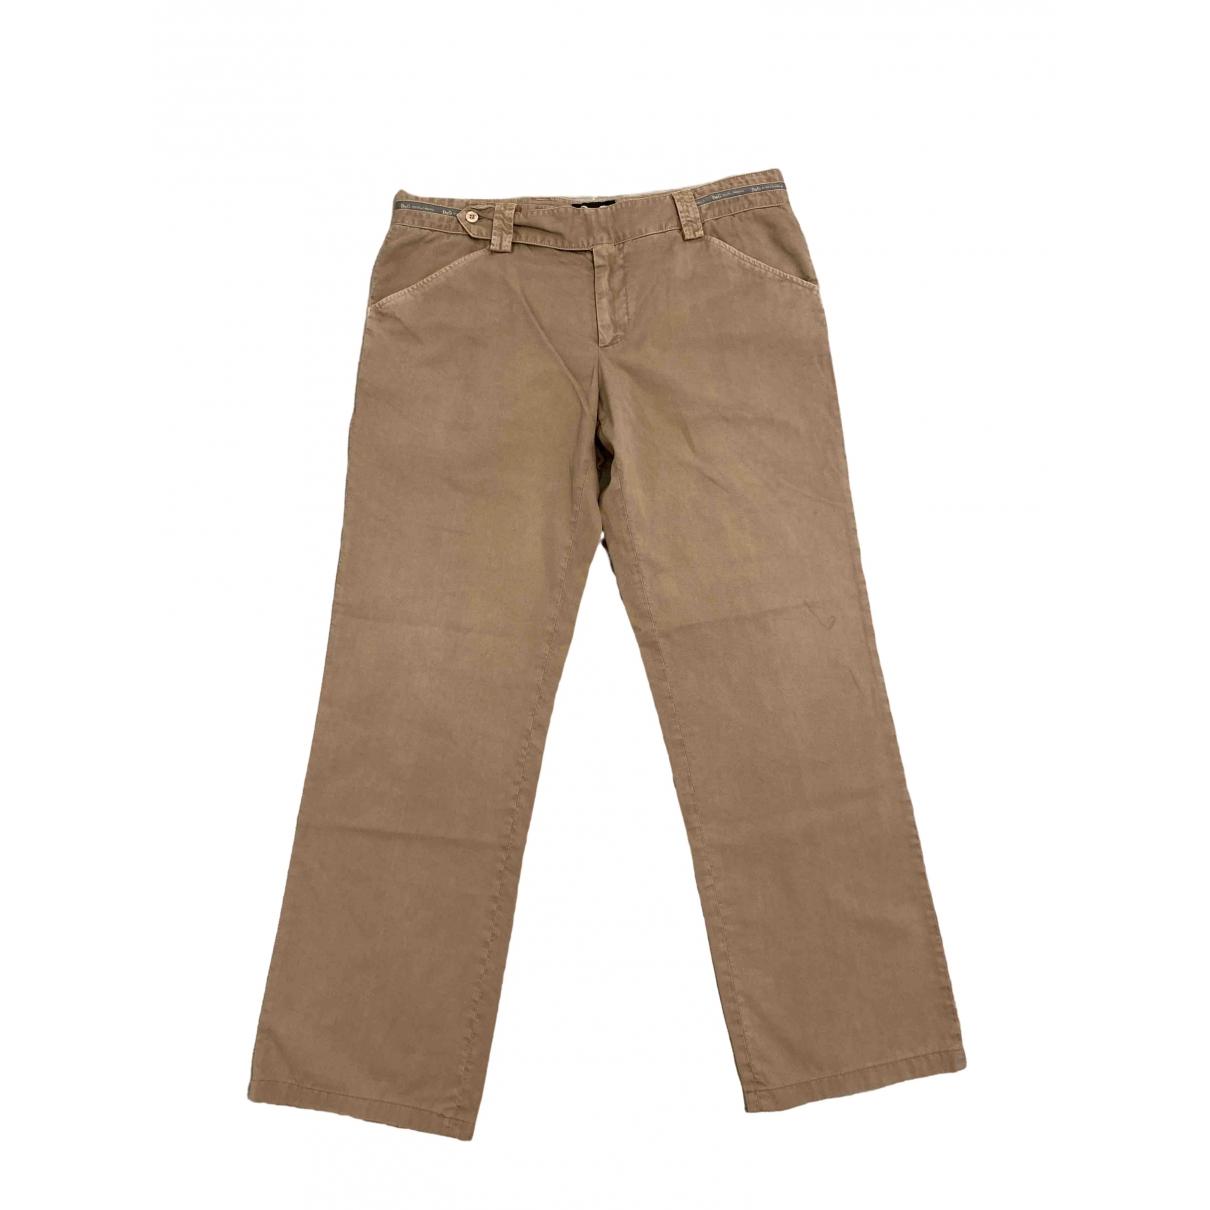 D&g \N Beige Cotton Trousers for Men 54 IT